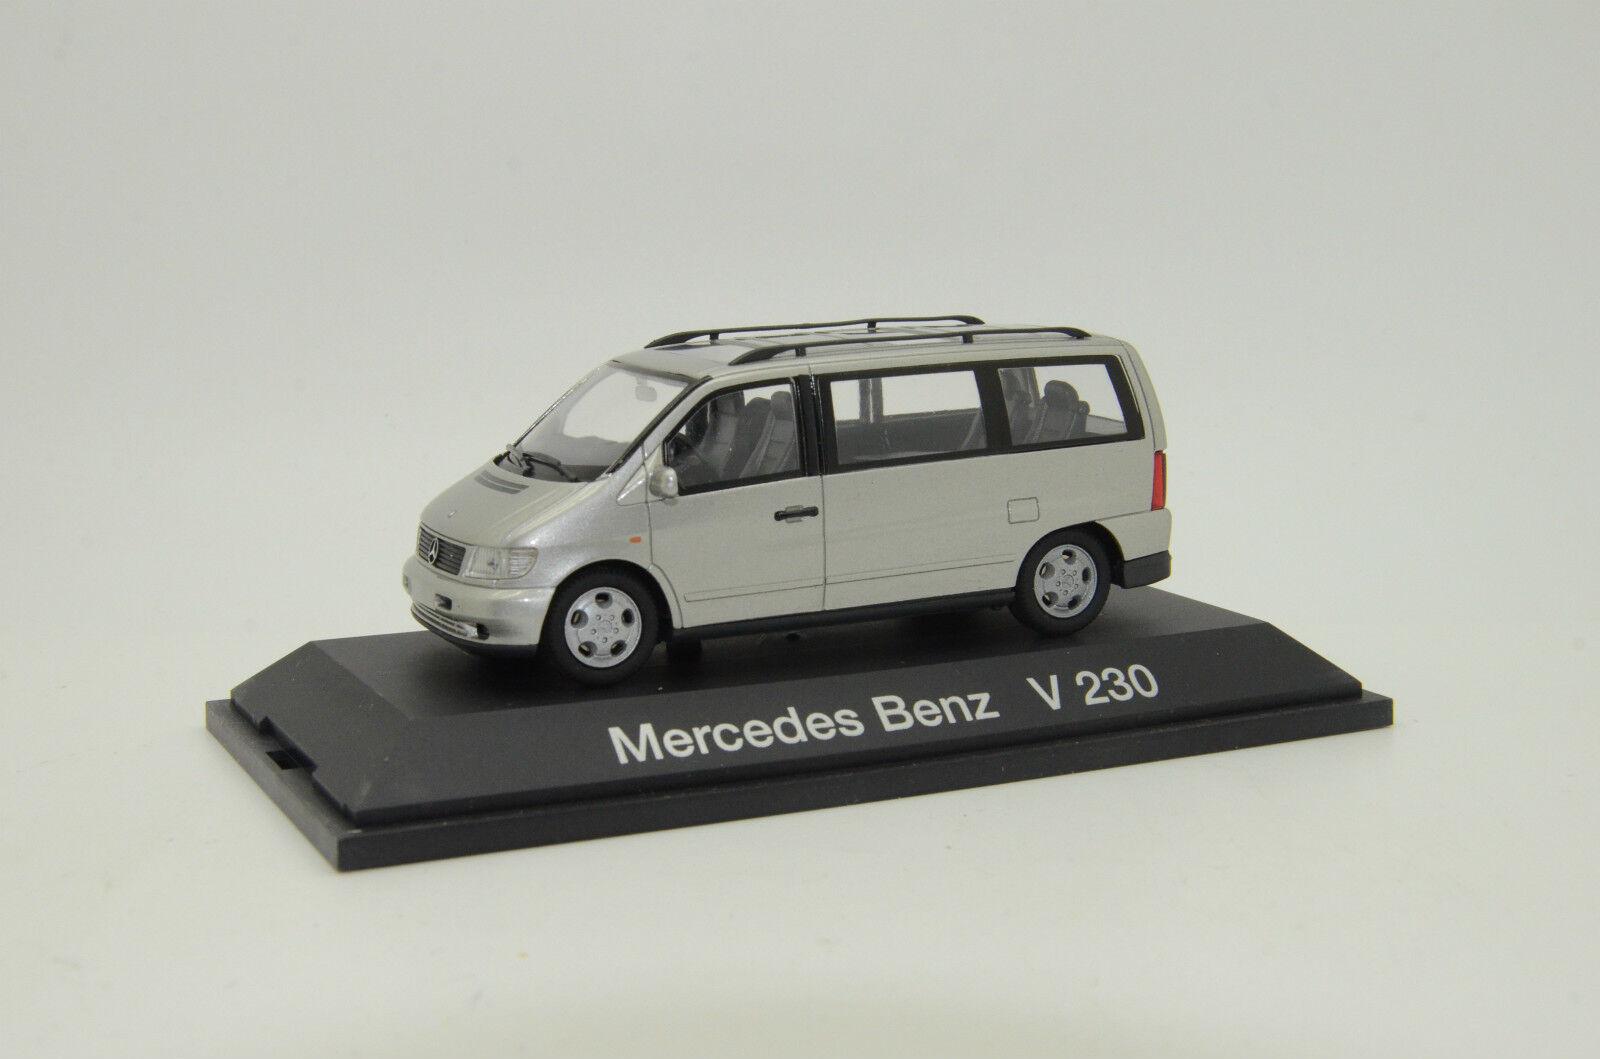 Todo en alta calidad y bajo precio.    rara rara rara    Mercedes V230 Schuco 1 43  Envíos y devoluciones gratis.